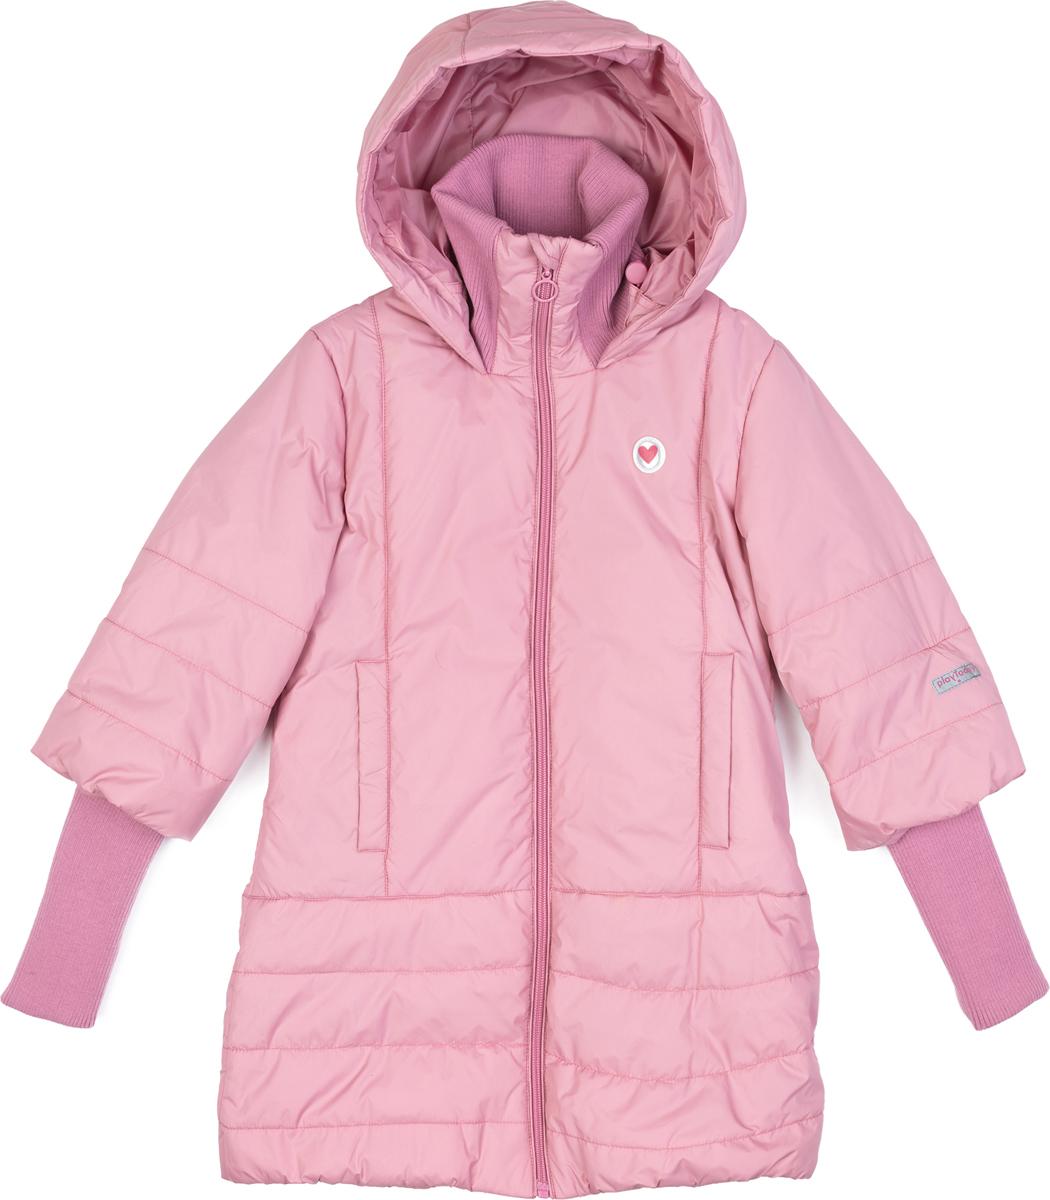 Пальто для девочки PlayToday, цвет: светло-розовый. 182054. Размер 110182054Утепленное пальто из водонепроницаемой ткани. Модель с высоким воротником - стойкой. Пальто на молнии. Специальный карман для бегунка не позволит застежке травмировать нежную детскую кожу. Рукава 3/4. Удлиненные манжеты из плотного трикотажа. Встрочной капюшон по контуру дополнен регулируемым шнуром - кулиской. Подкладка из полиэстера. Низ изделия на мягкой резинке для дополнительного сохранения тепла. Светоотражающие эелементы обеспечат видимость ребенка в темное время суток. Пальто дополнено встрочными карманами.